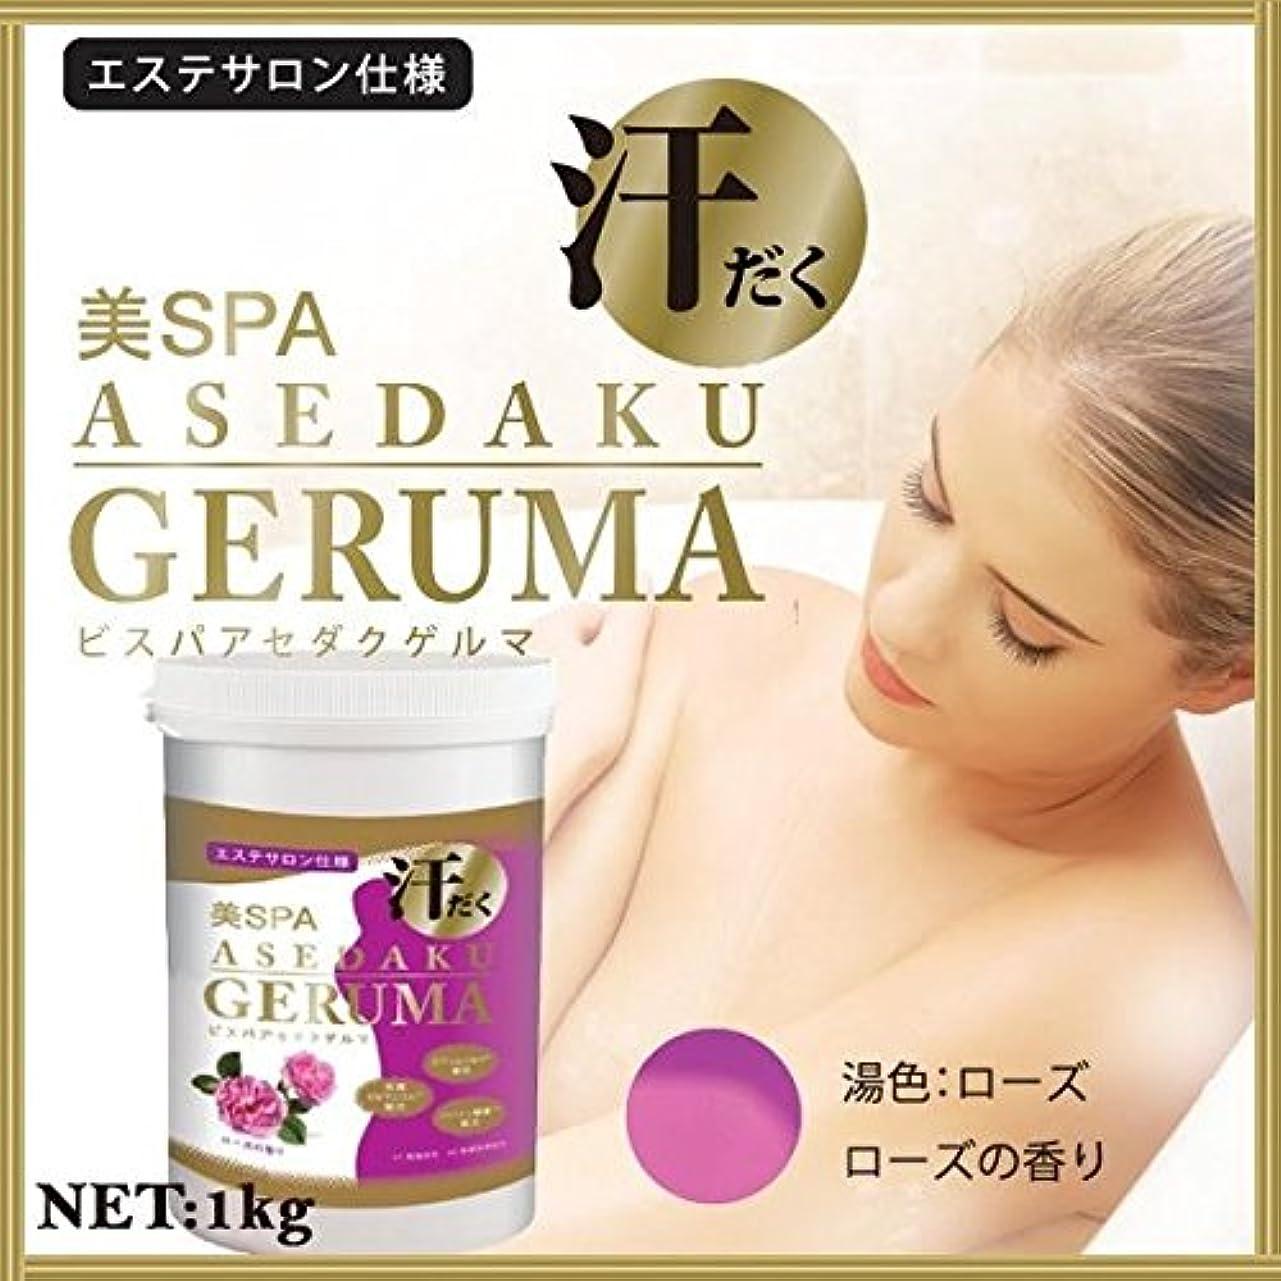 表向きスポークスマン尽きるゲルマニウム入浴料 美SPA ASEDAKU GERUMA ROSE(ローズ) ボトル 1kg